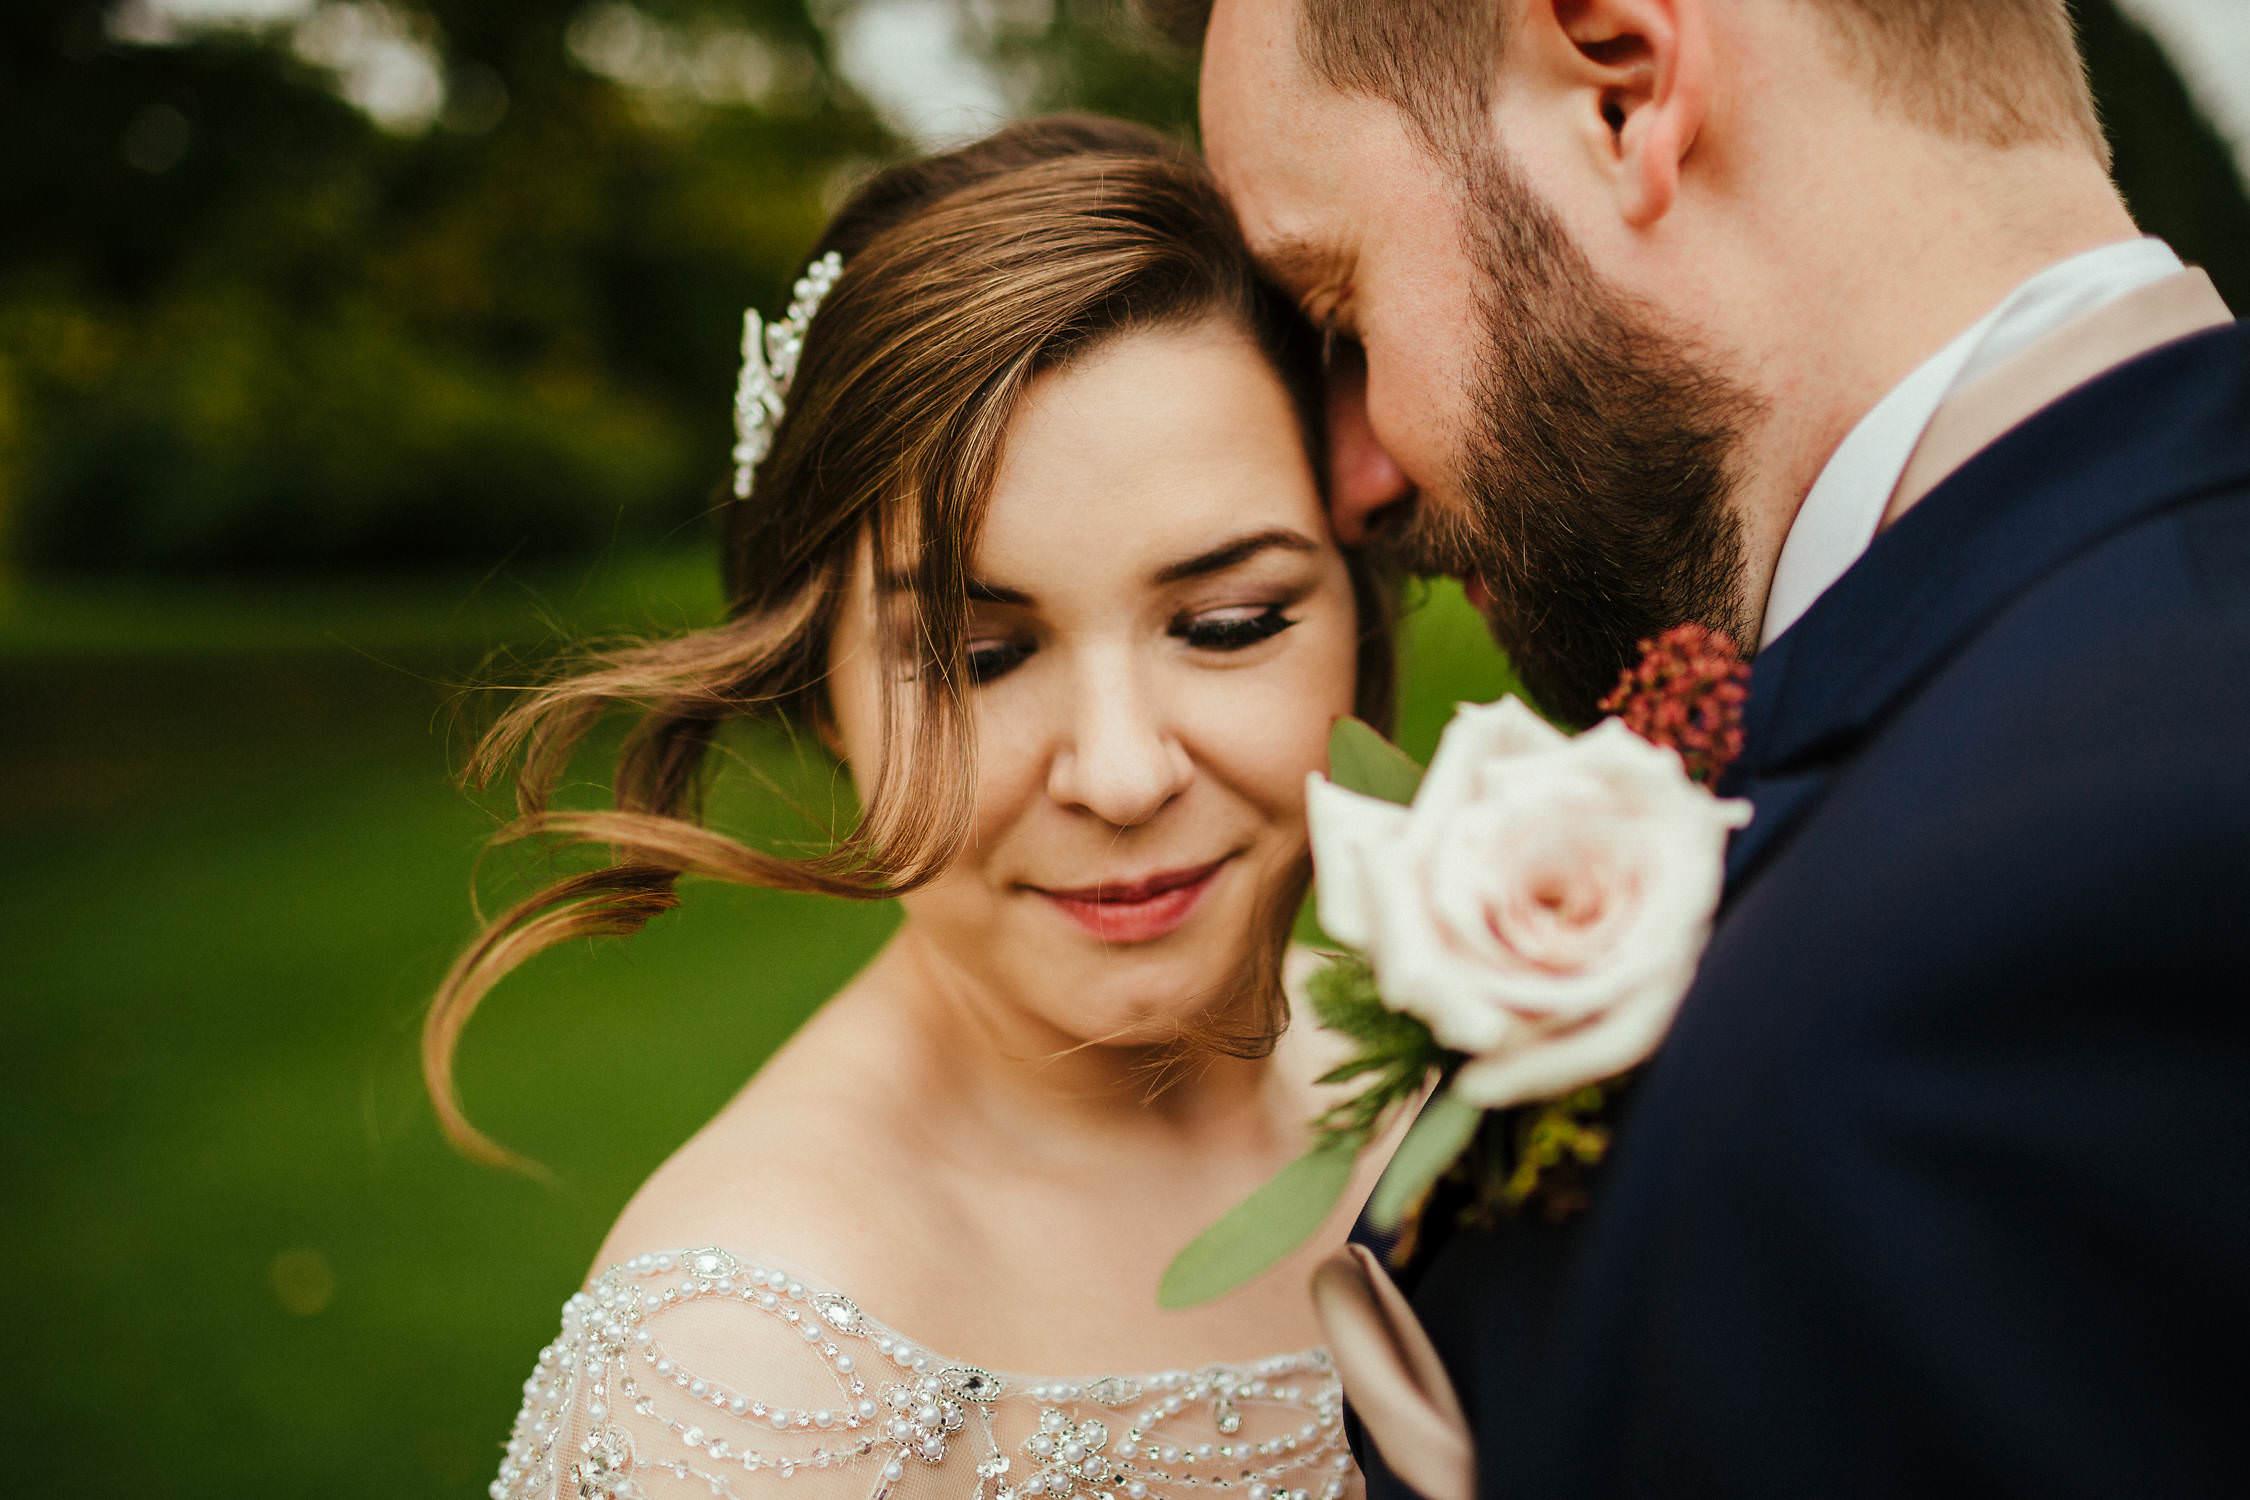 Buckinghamshire-Wedding-Photography-169